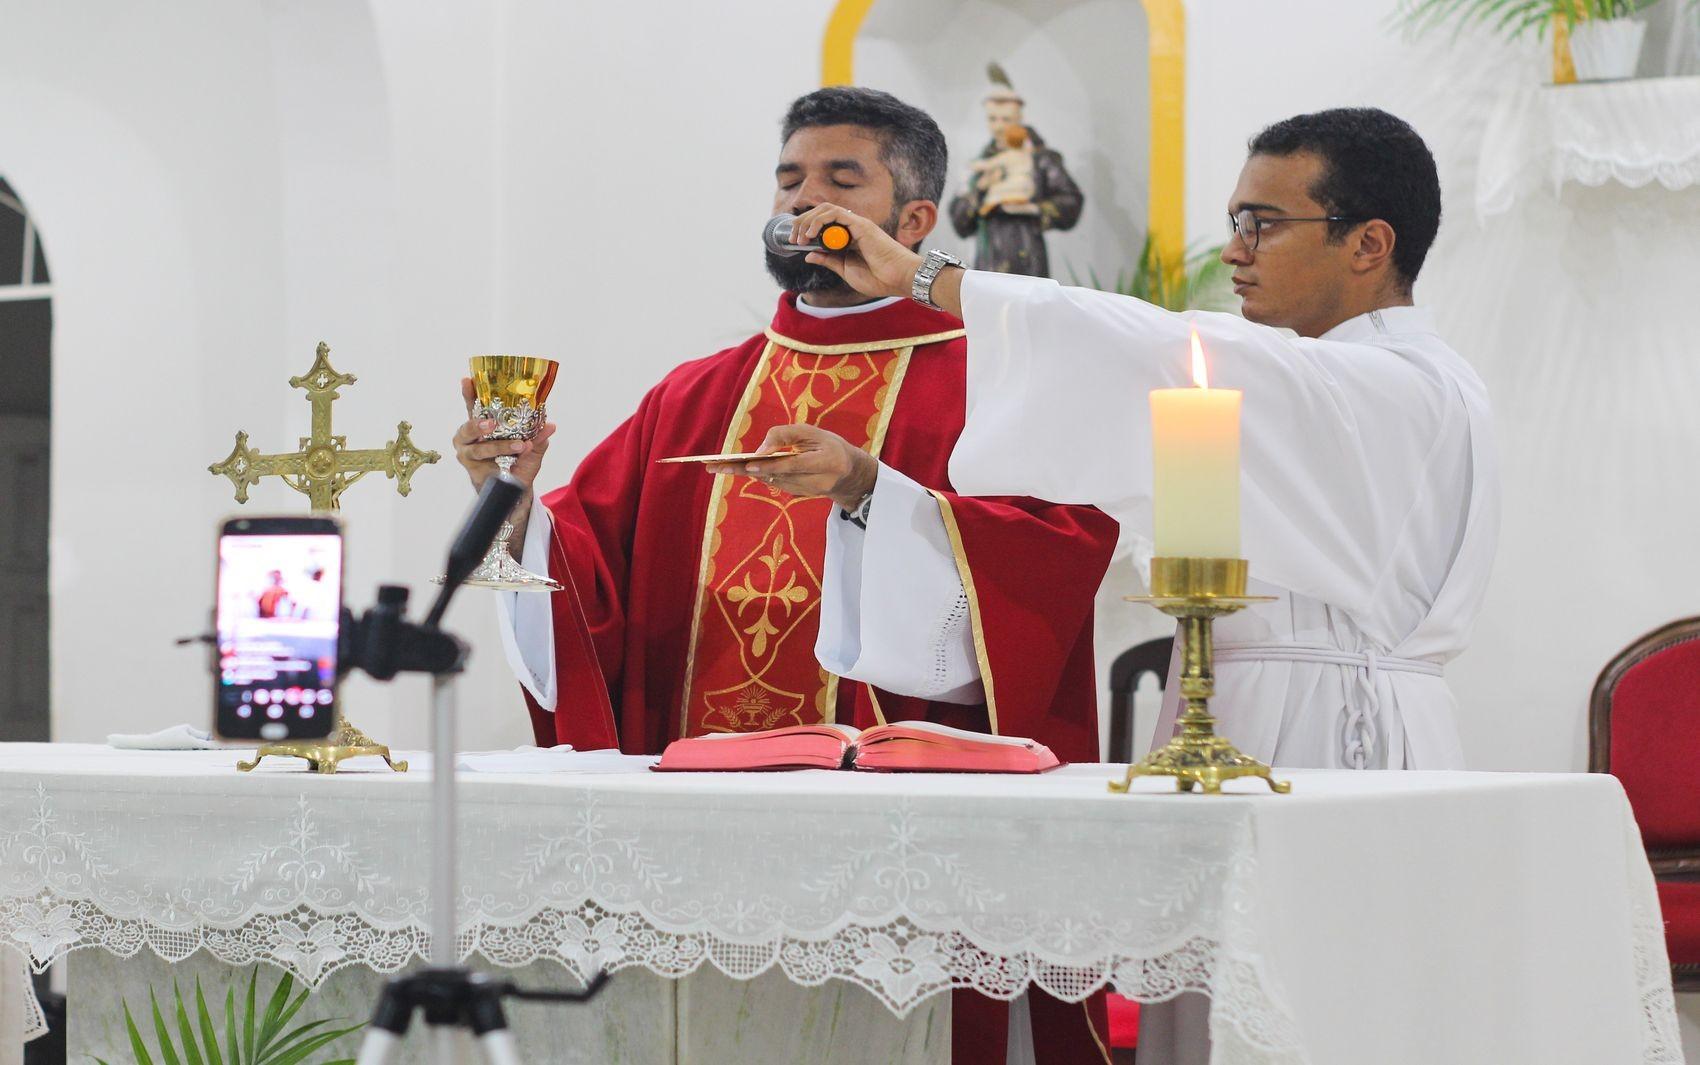 Arquidiocese de Aracaju transmite celebrações da Semana Santa através da internet